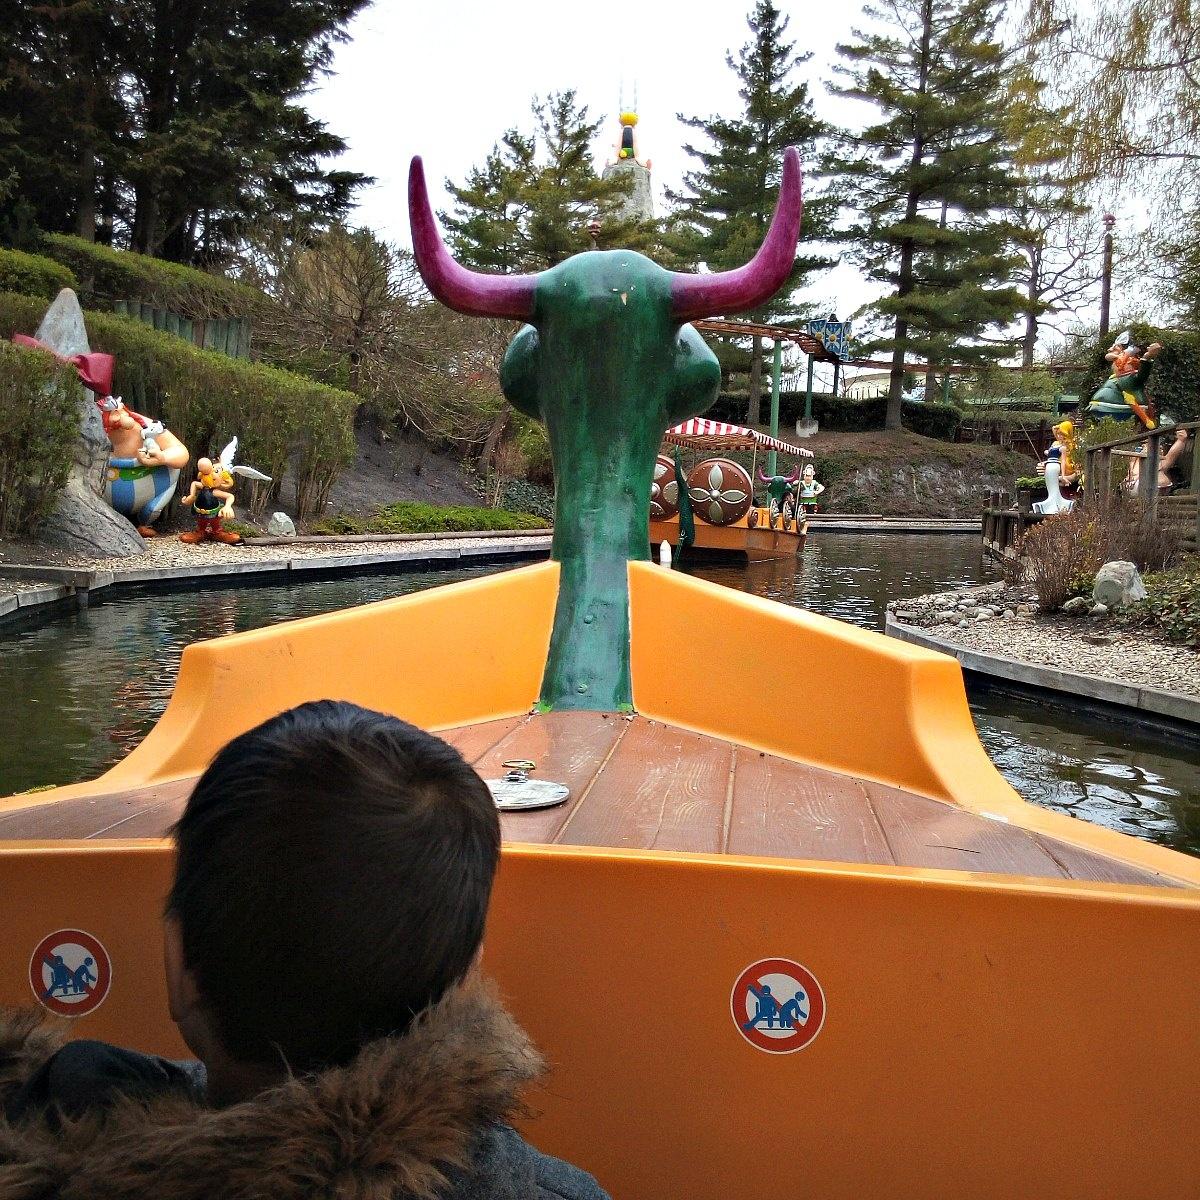 Parc Astérix : Une folle journée chez les gaulois